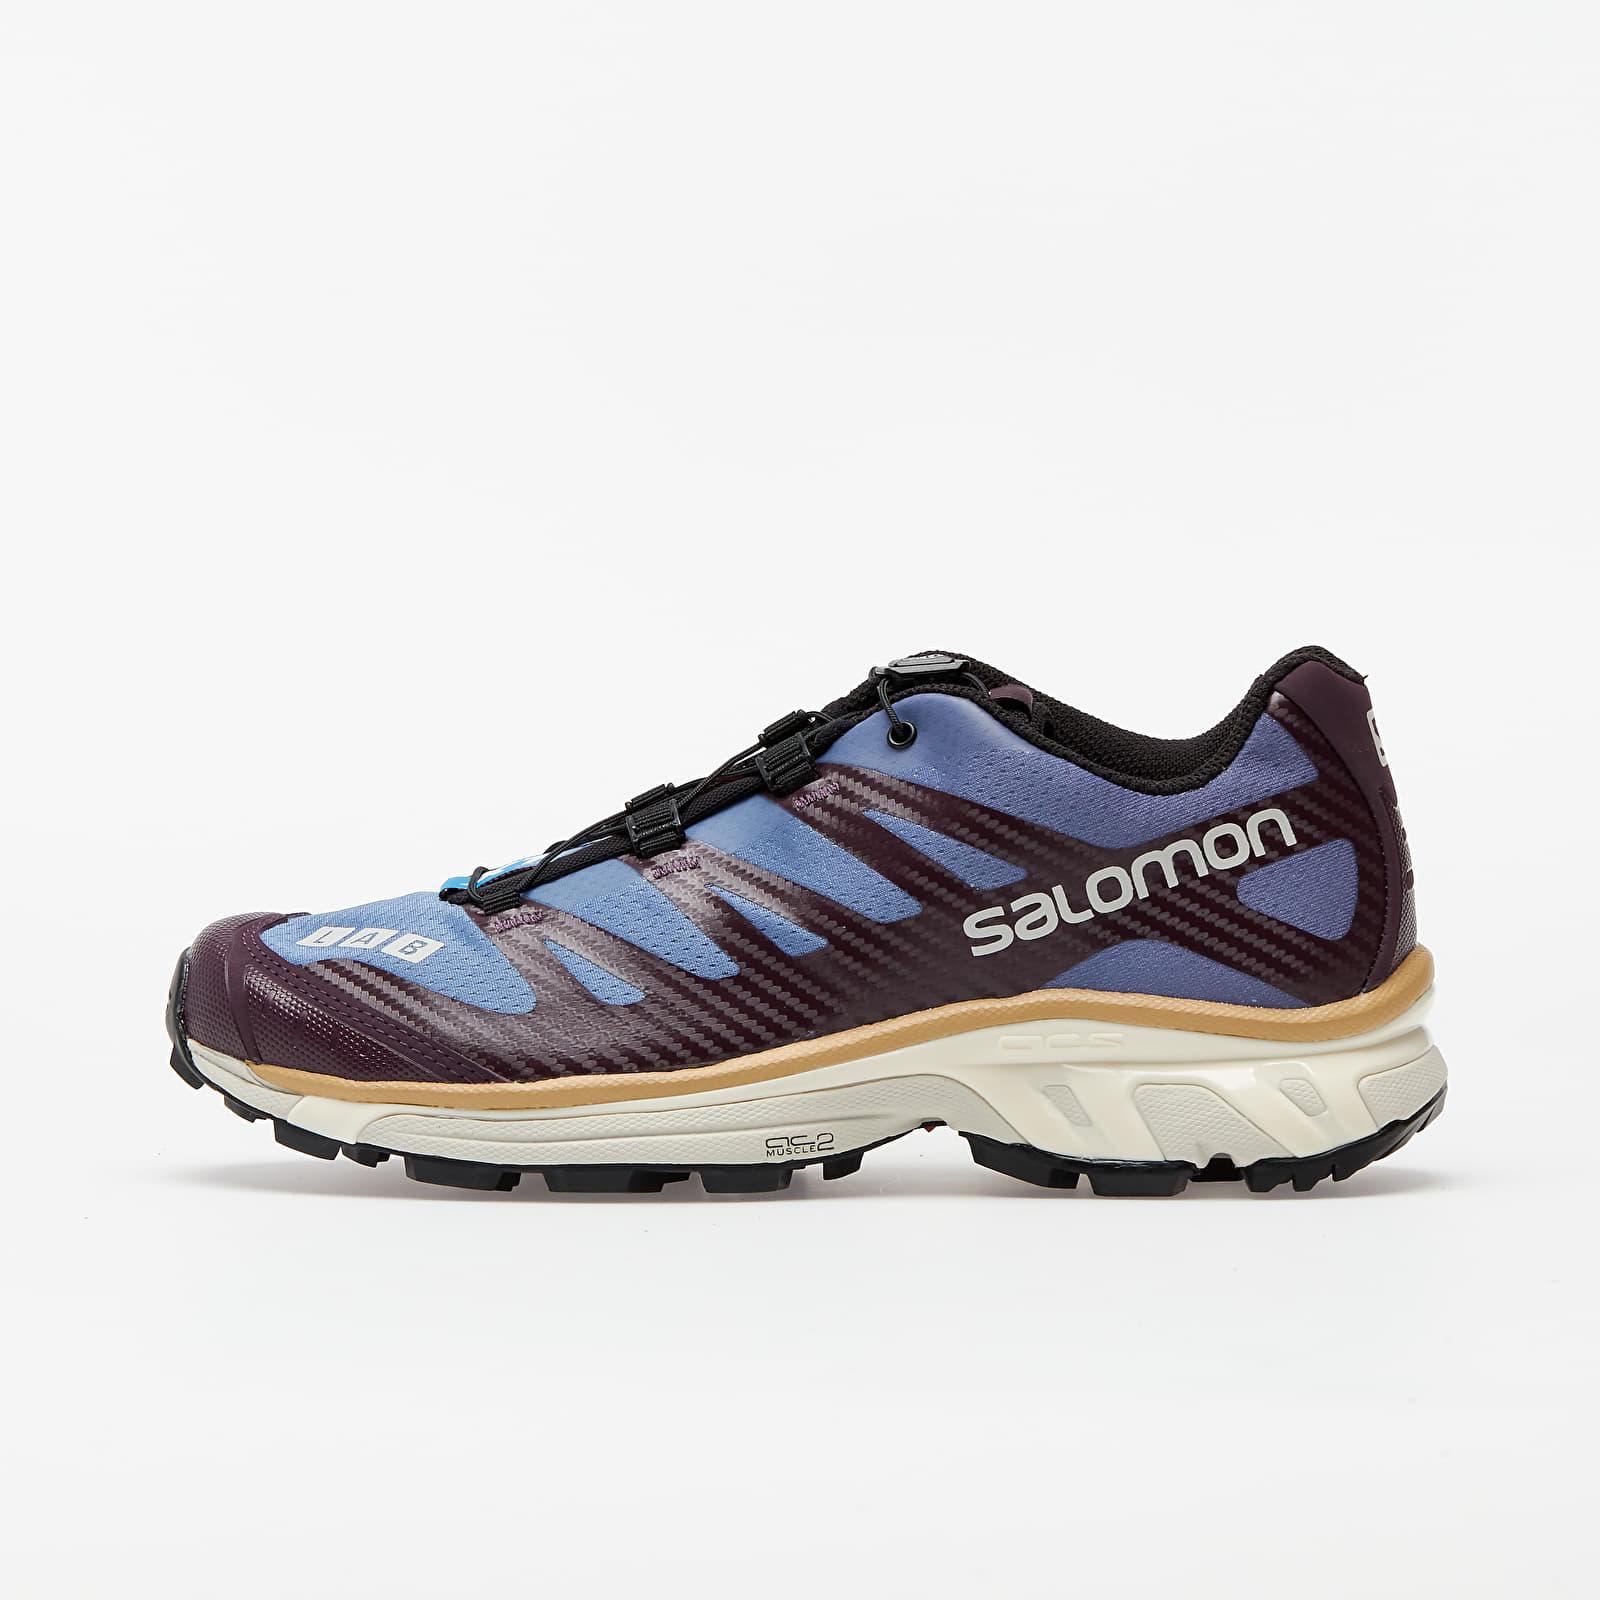 Men's shoes Salomon XT-4 Advanced Cadet/ Copen Blue/ Starfish